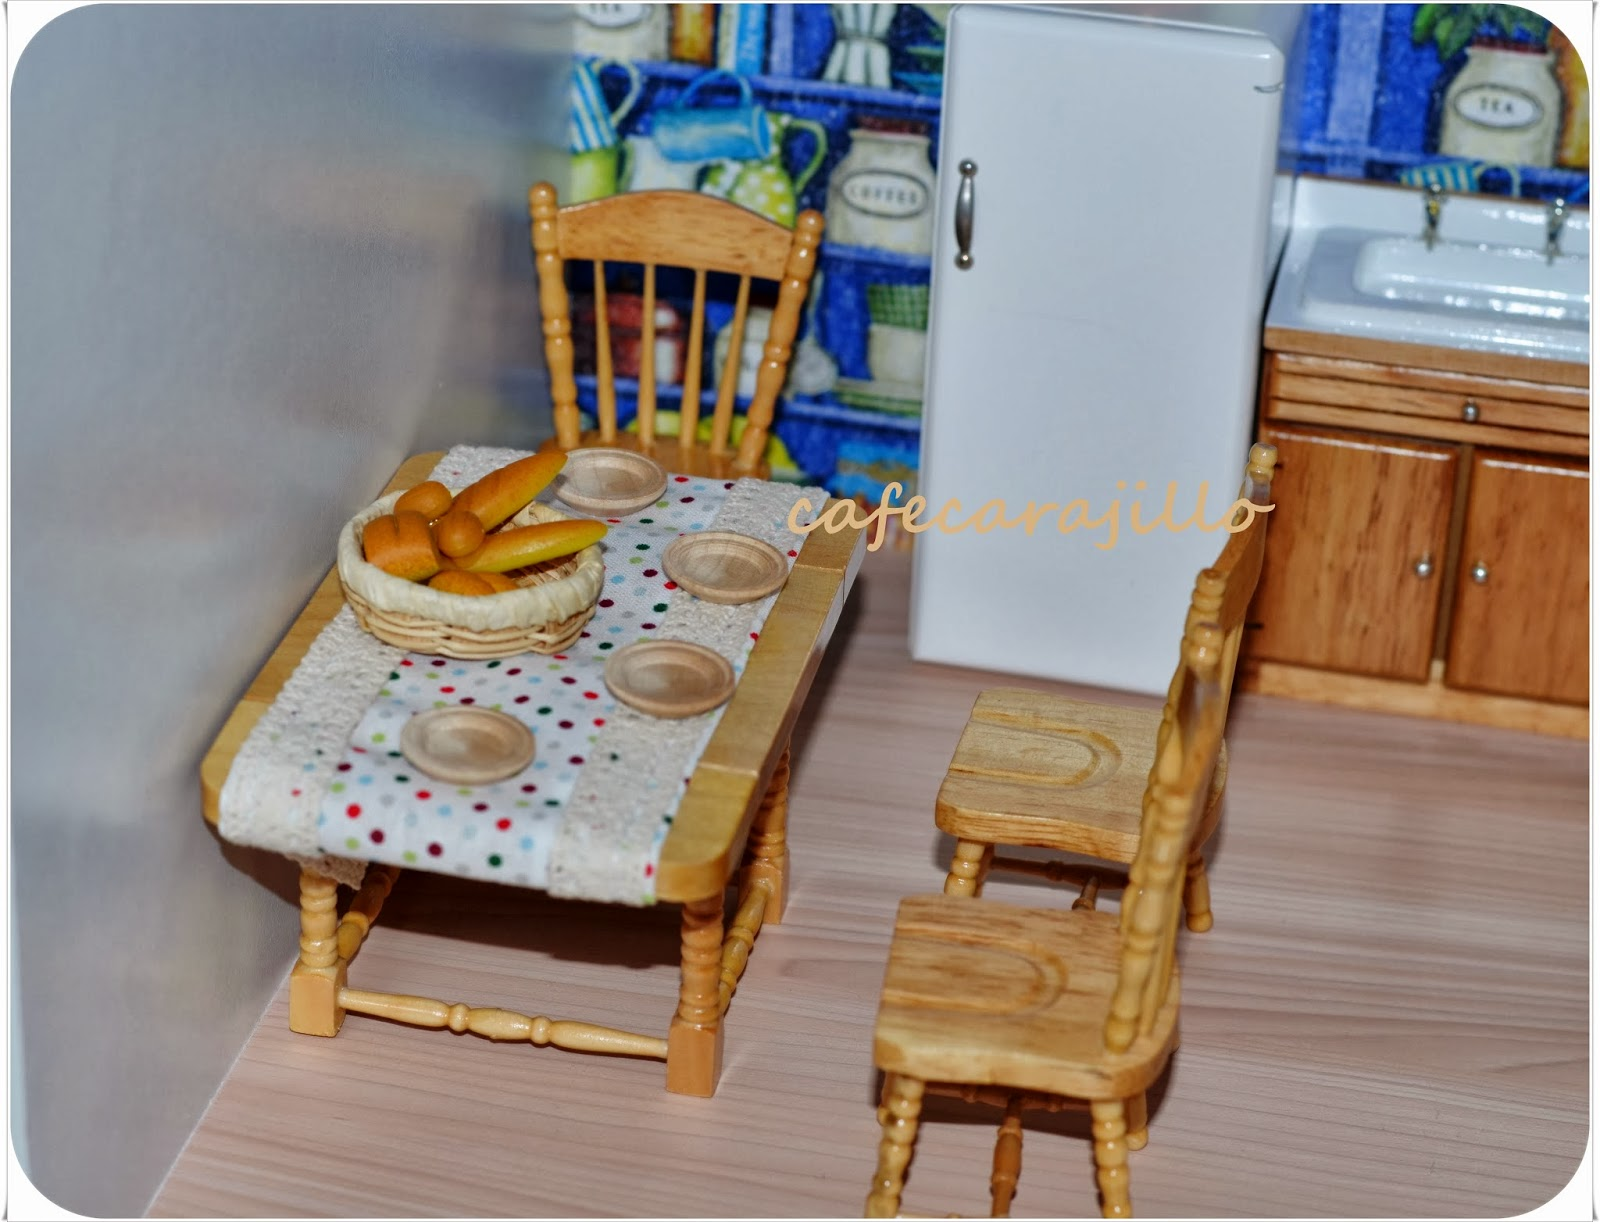 die mini eisdiele bekommt ein neues dach mein selbstgemachtes puppenhaus. Black Bedroom Furniture Sets. Home Design Ideas